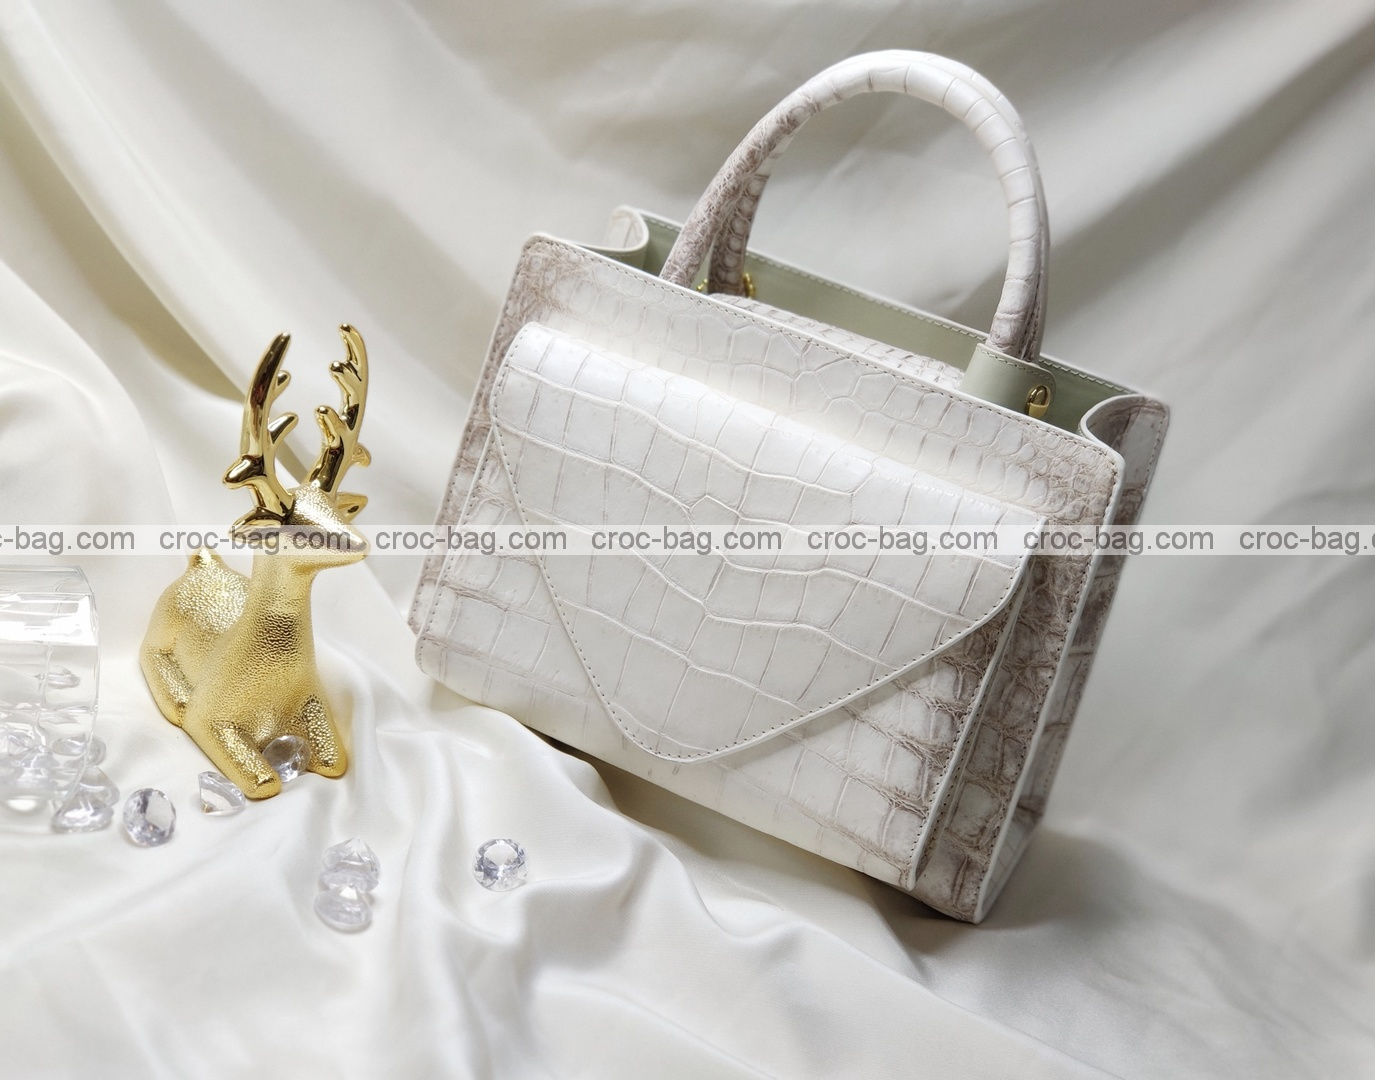 กระเป๋าหนังจระเข้สำหรับผู้หญิง 5263